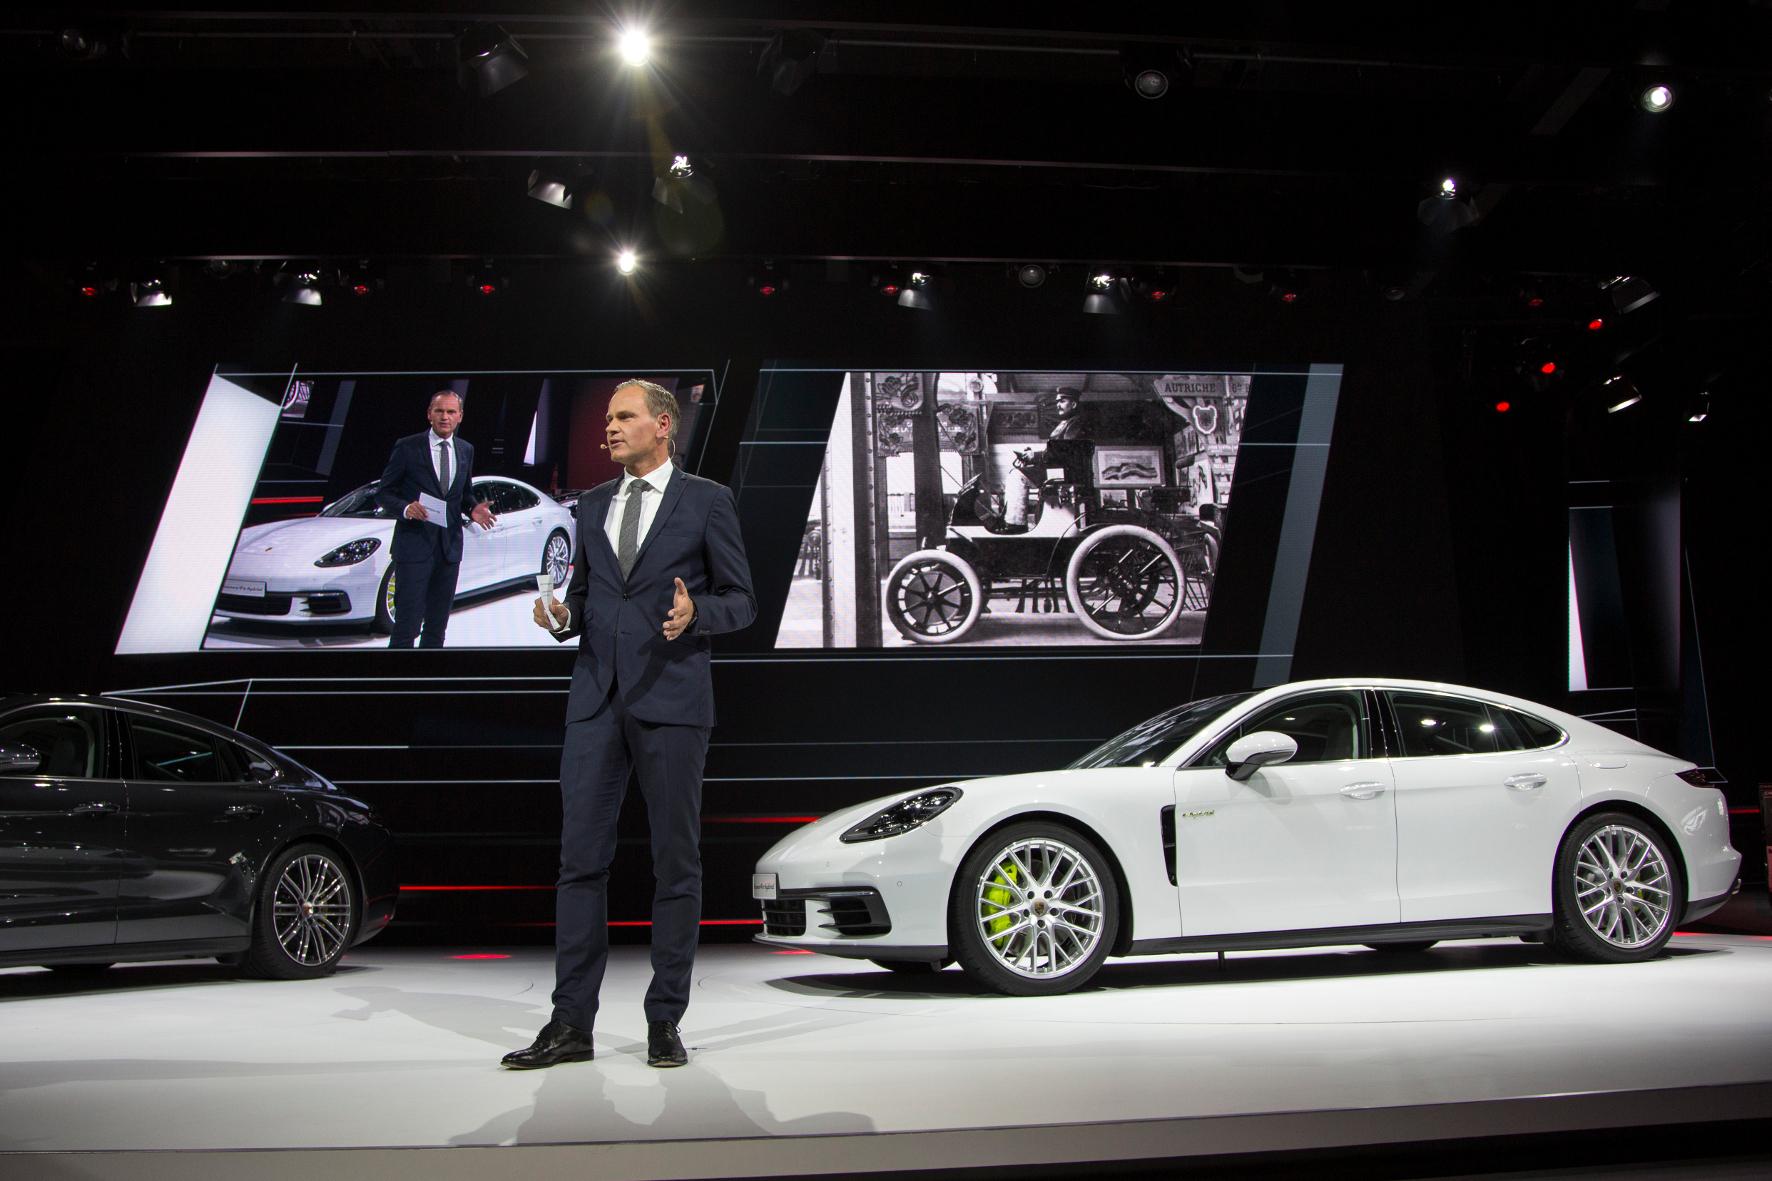 mid Paris - Premiere an der Seine: Oliver Blume, Vorstandsvorsitzender der Porsche AG, präsentiert den neuen Panamera 4 E-Hybrid